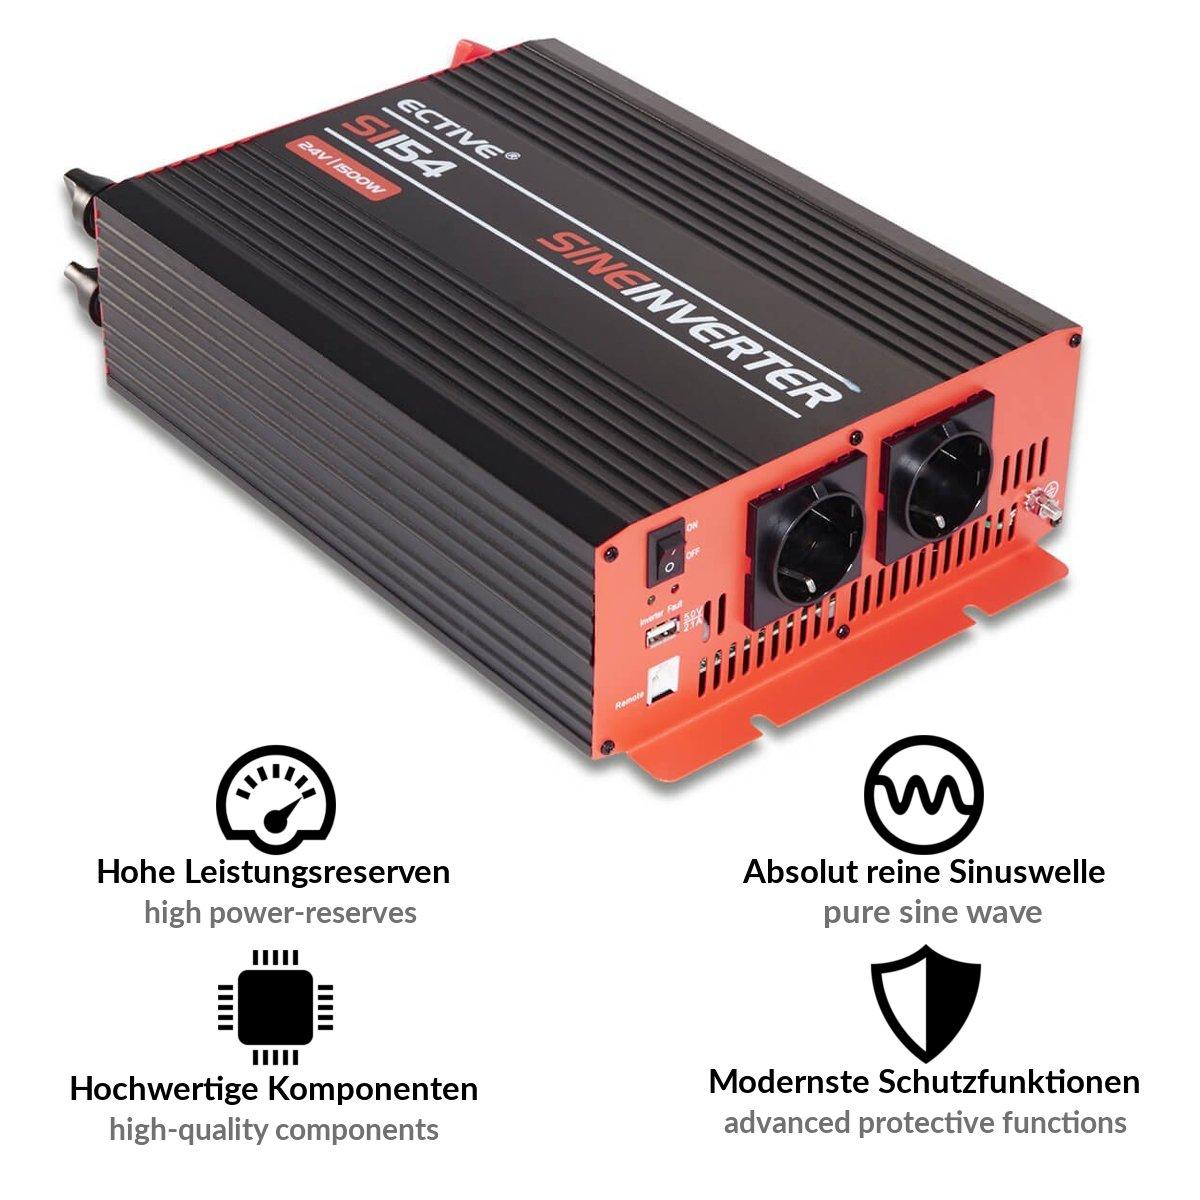 ECTIVE Serie SI caz | Inversor de onda sinusoidal 12V a 230V | 1500W ...